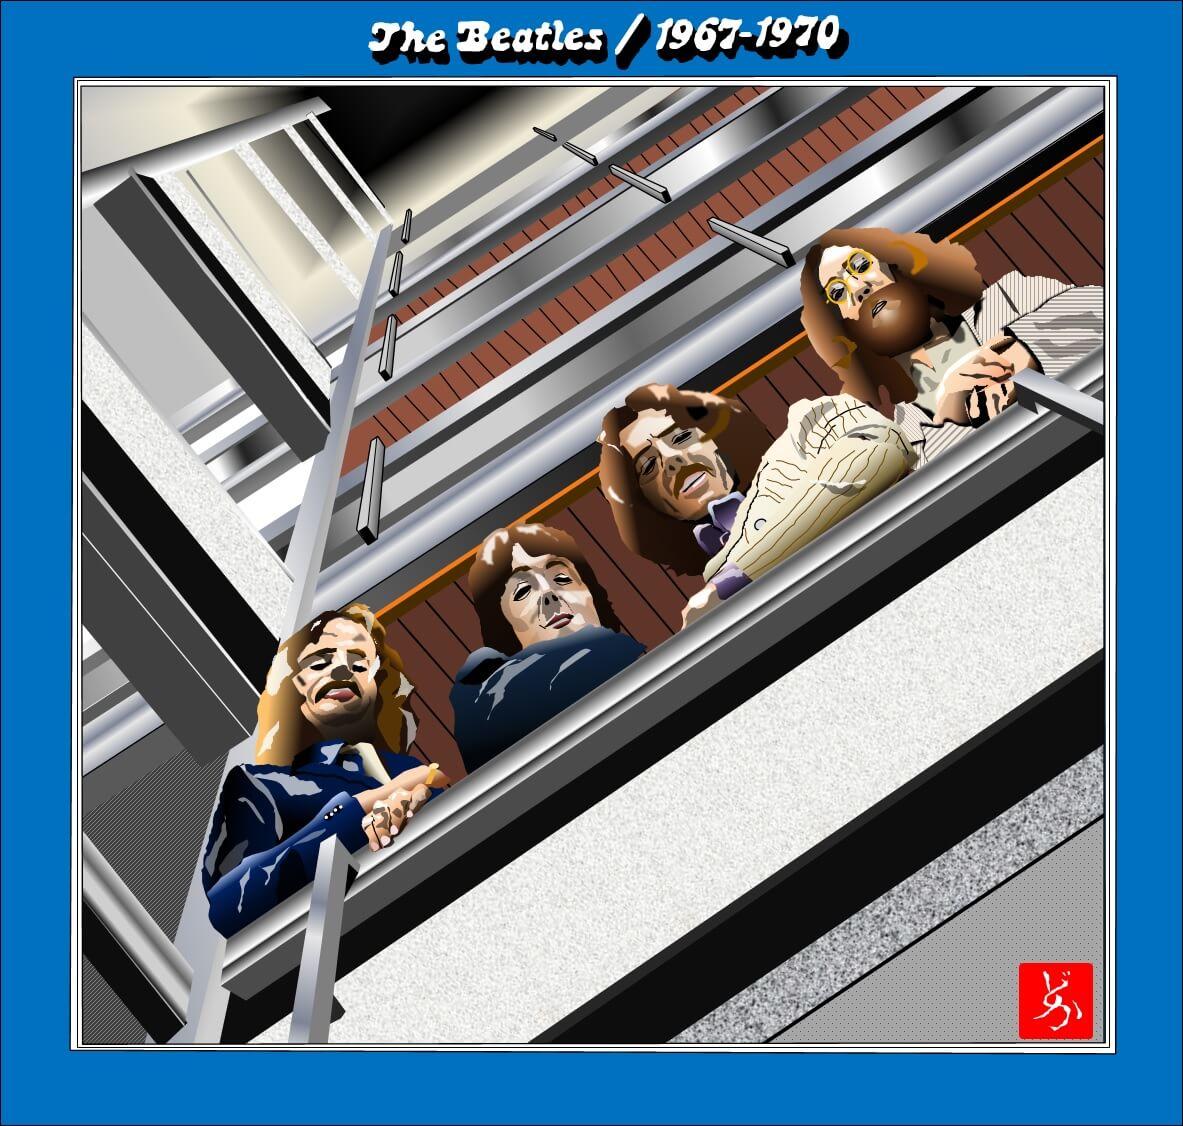 ビートルズの後期ベスト盤「1967-19670」のエクセル画イラスト